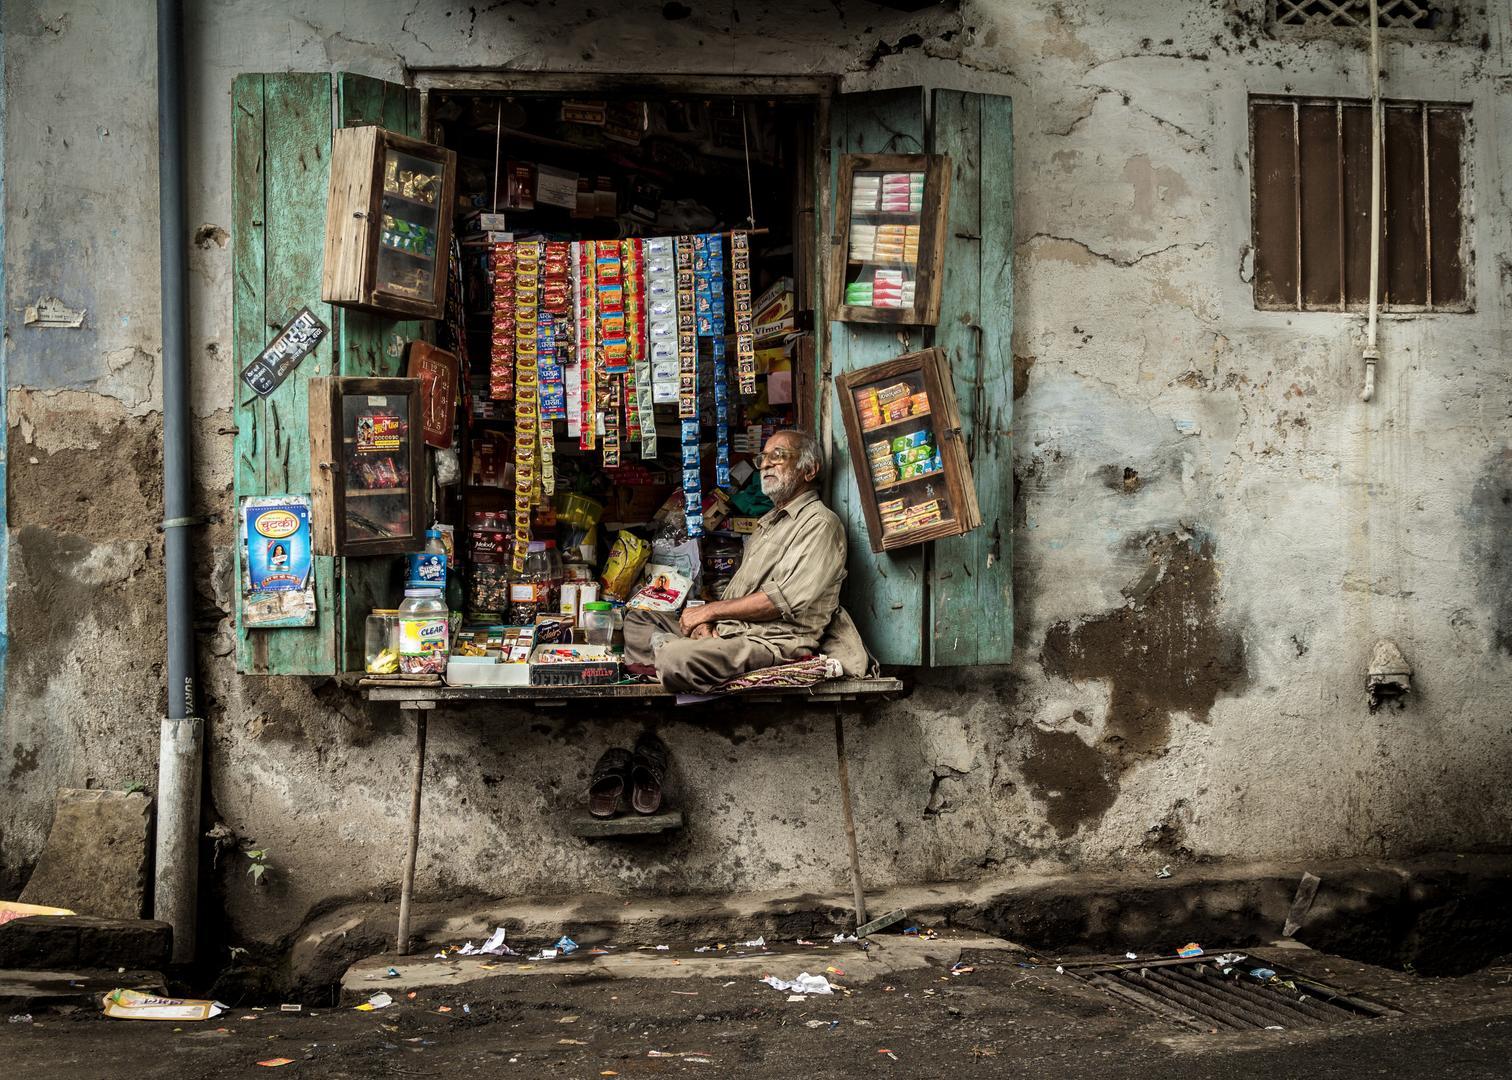 Базар, © Марко Тальярино, 1 место зрительного голосования, Фотофестиваль FIX